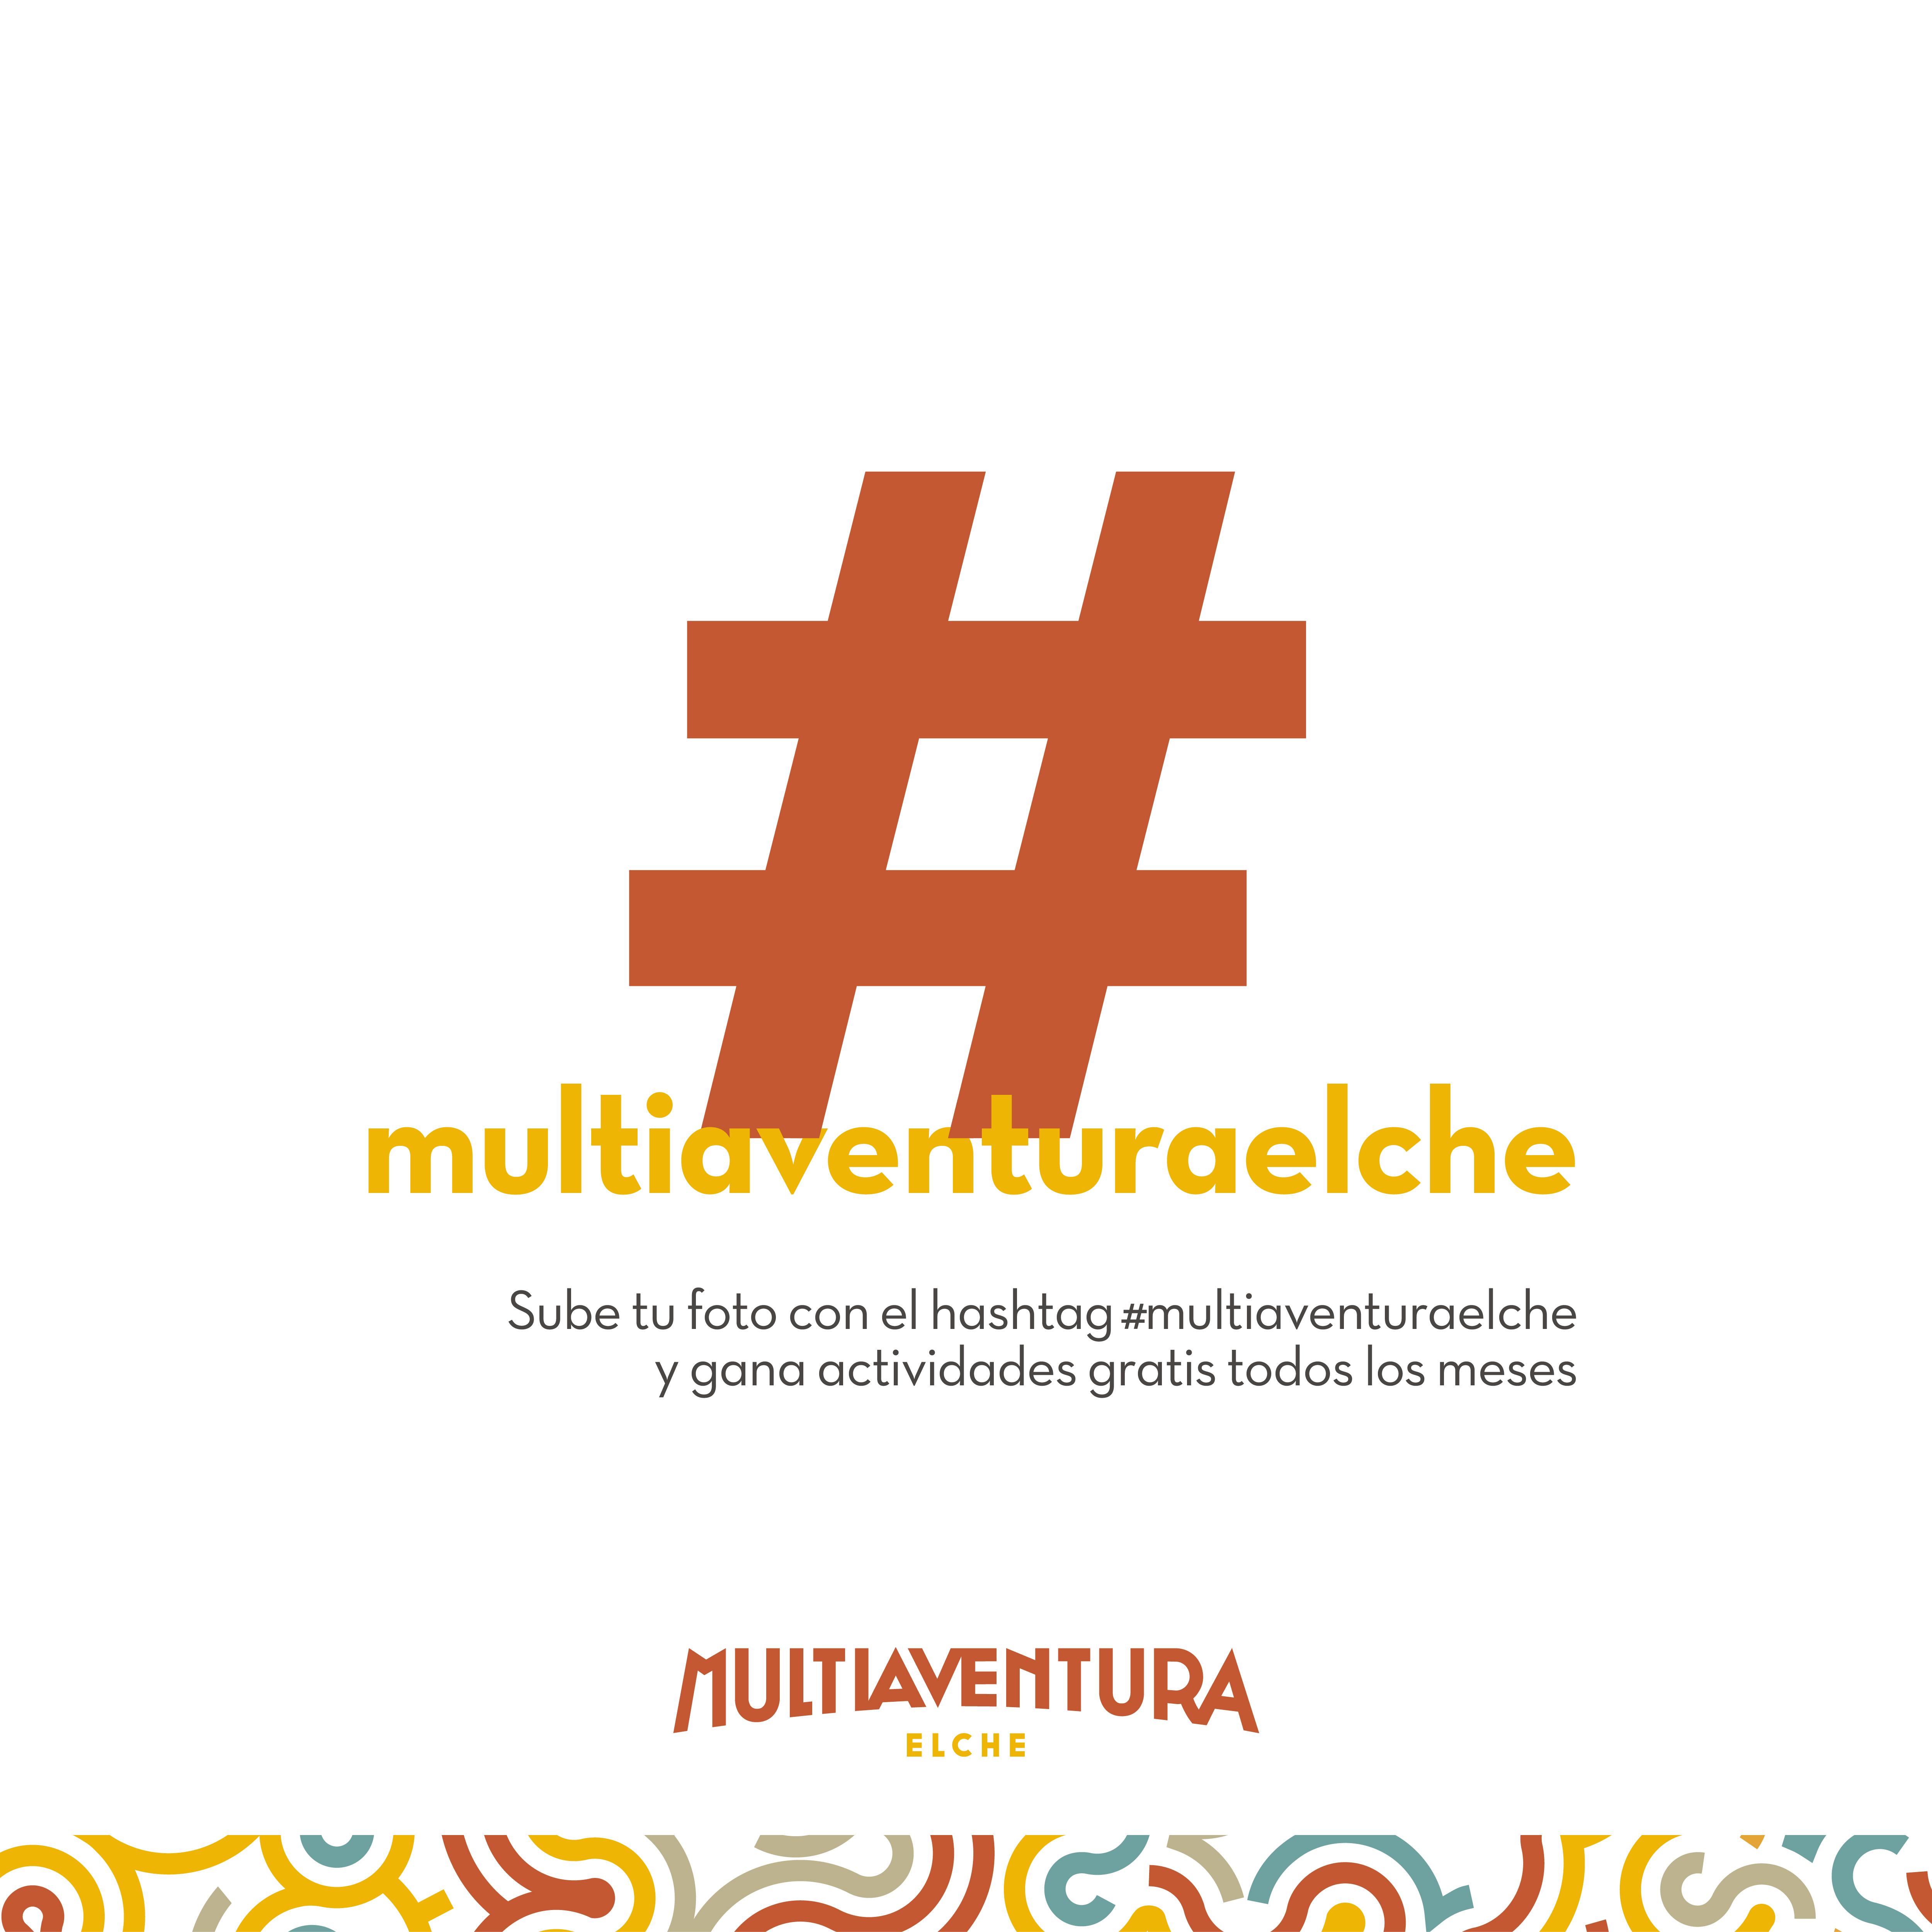 hashtag multiaventuraelche